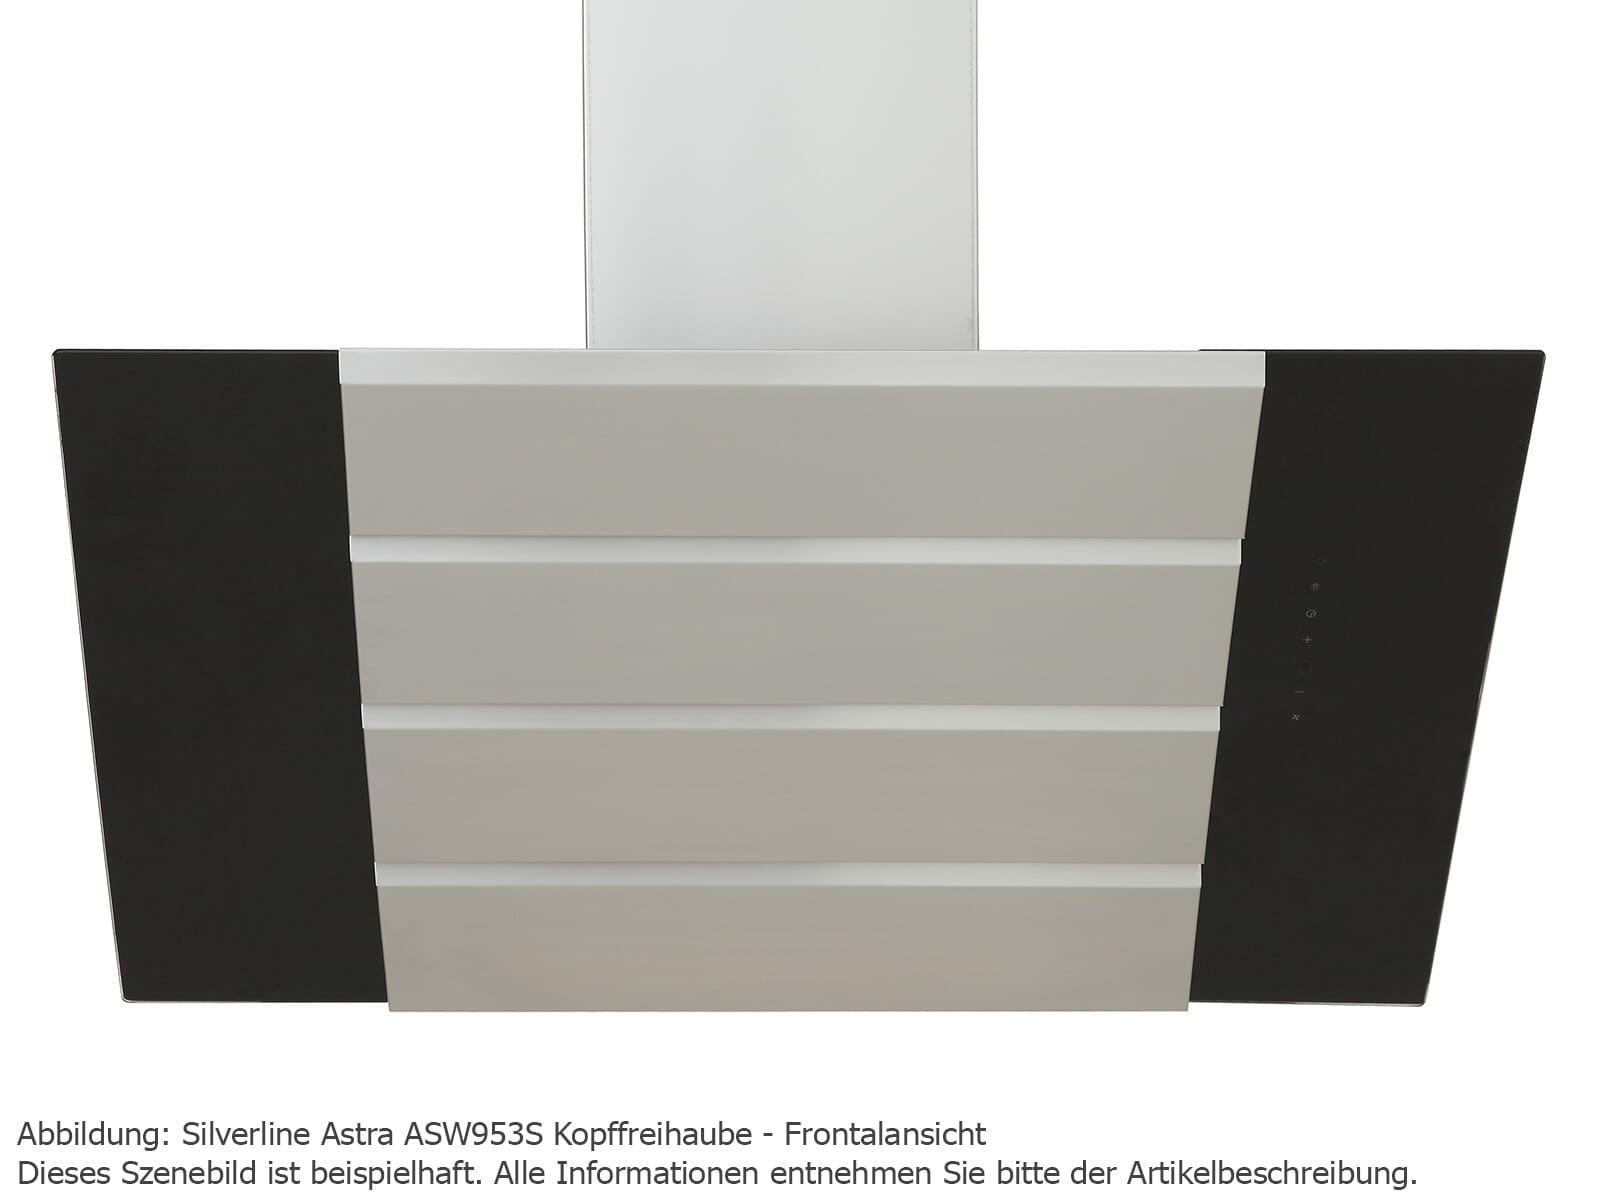 Silverline Astra ASW 853 S Kopffreihaube 80 cm Edelstahl/Schwarzglas